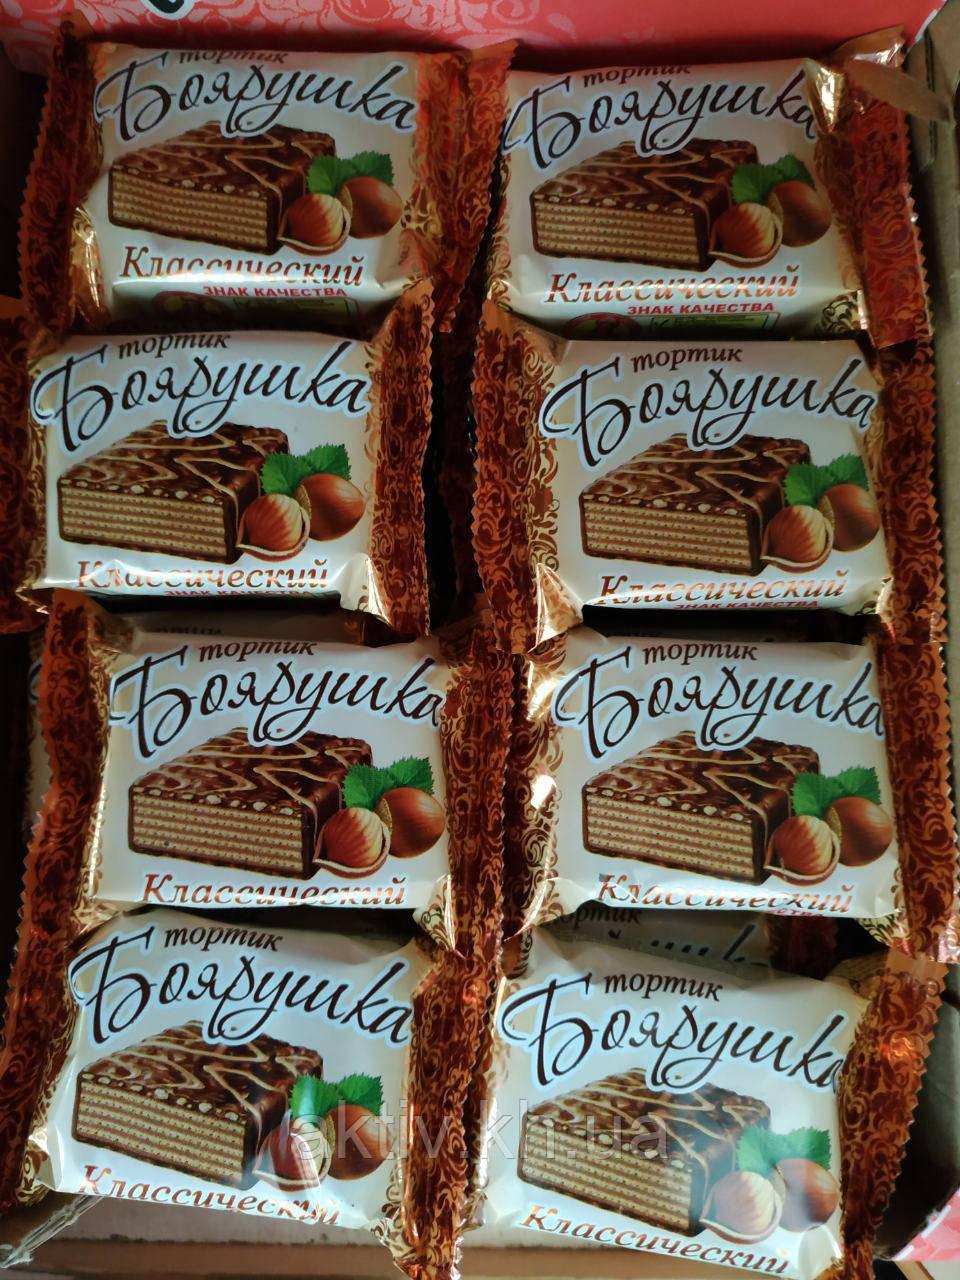 Тортик Боярушка классический